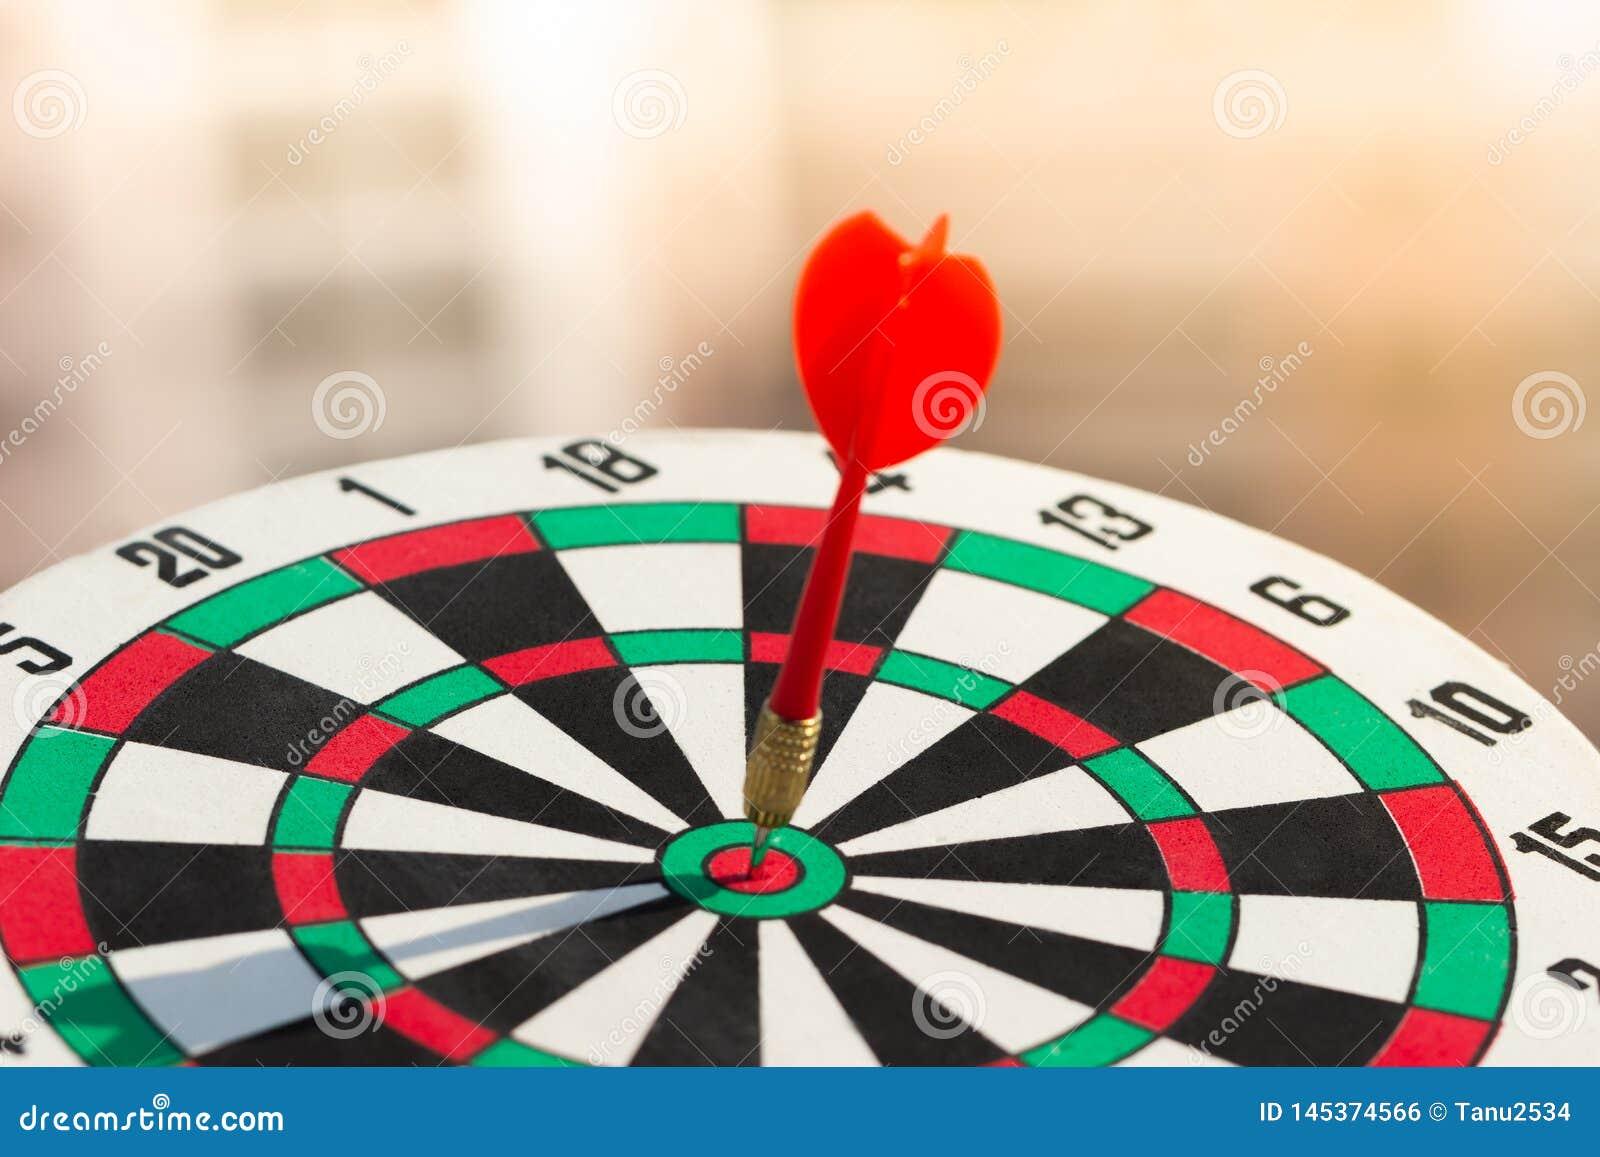 击中在掷镖的圆靶的目标中心的箭箭头 概念对市场成功的企业目标